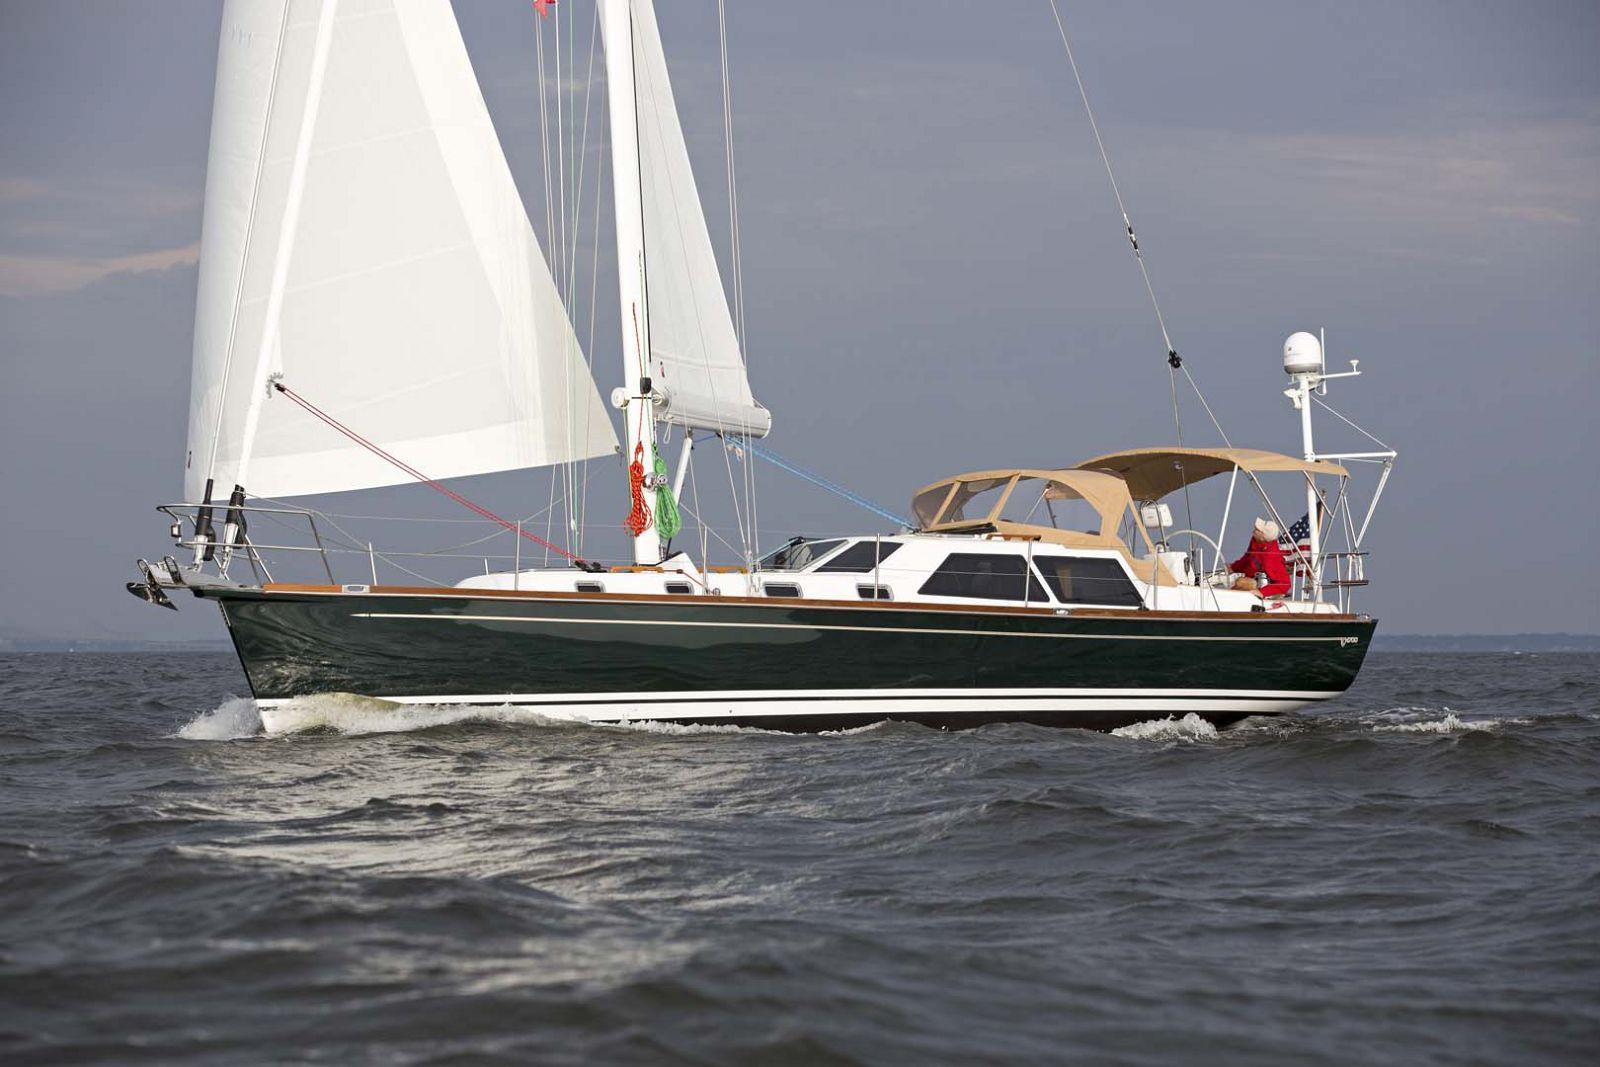 Tartan-Yachts-4700-Sailboat-Running